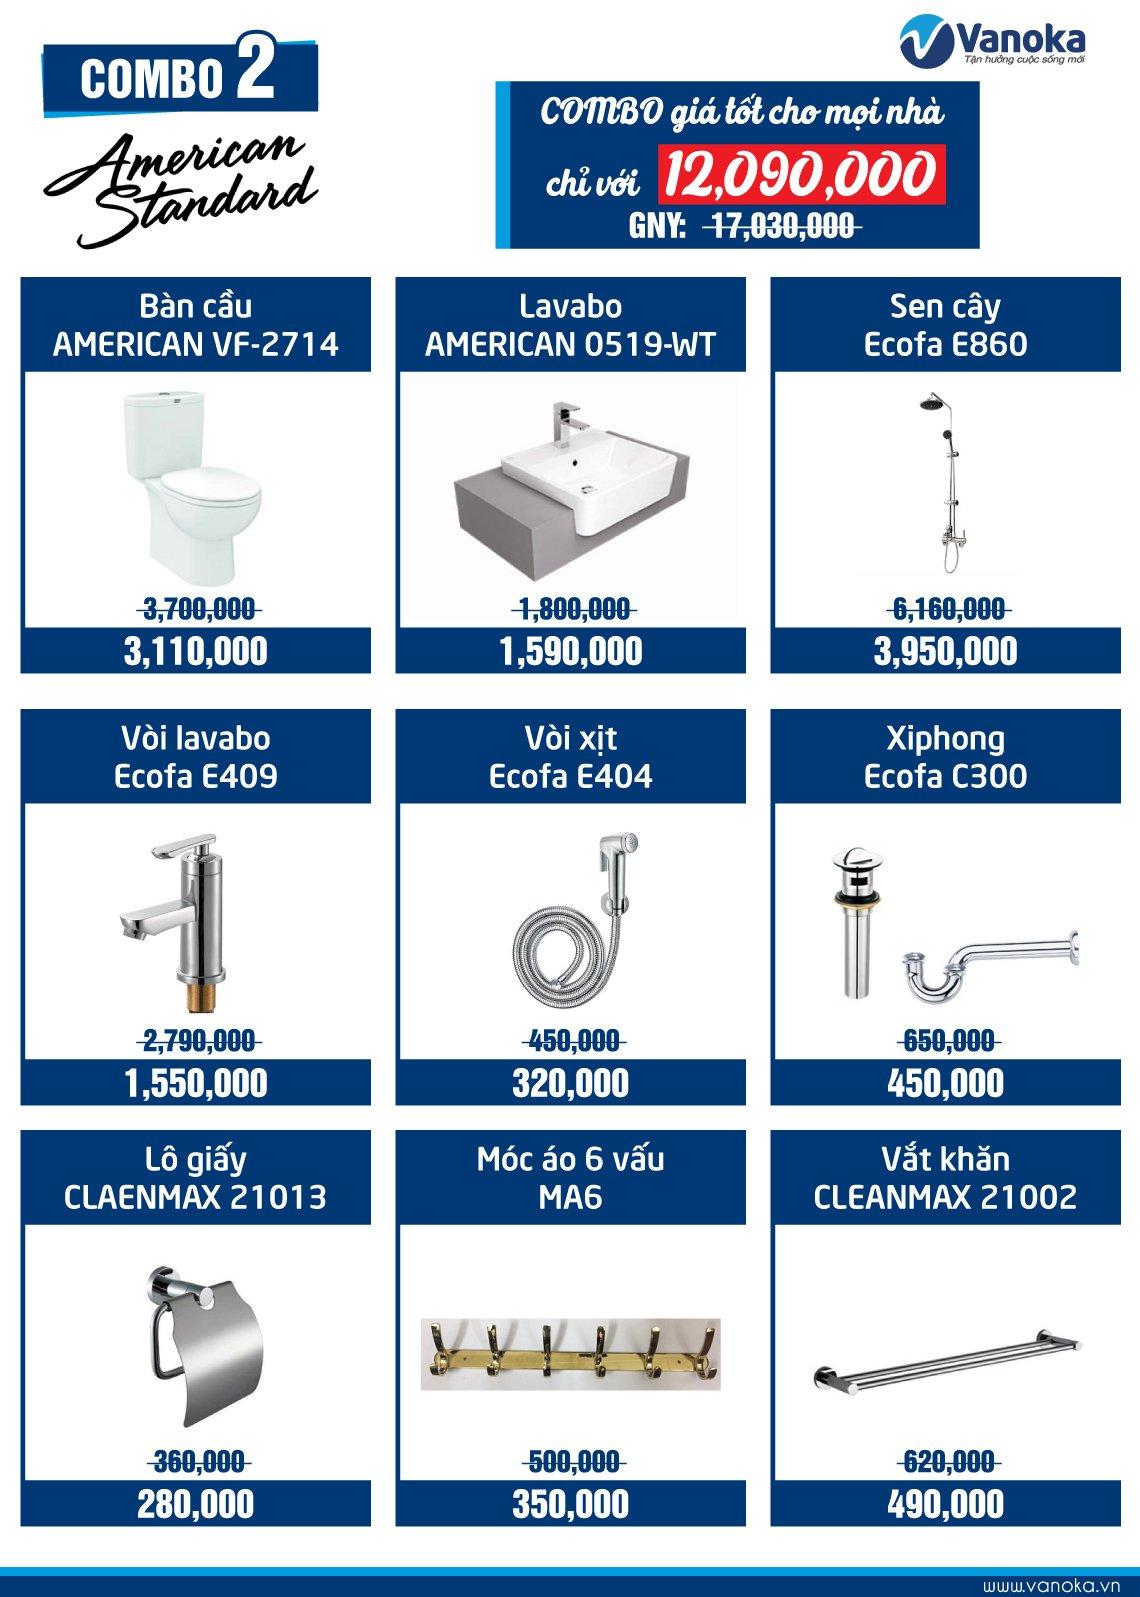 Combo American Standard 2: Combo giá tốt cho mọi nhà chỉ với 12.09 triệu thumbnail